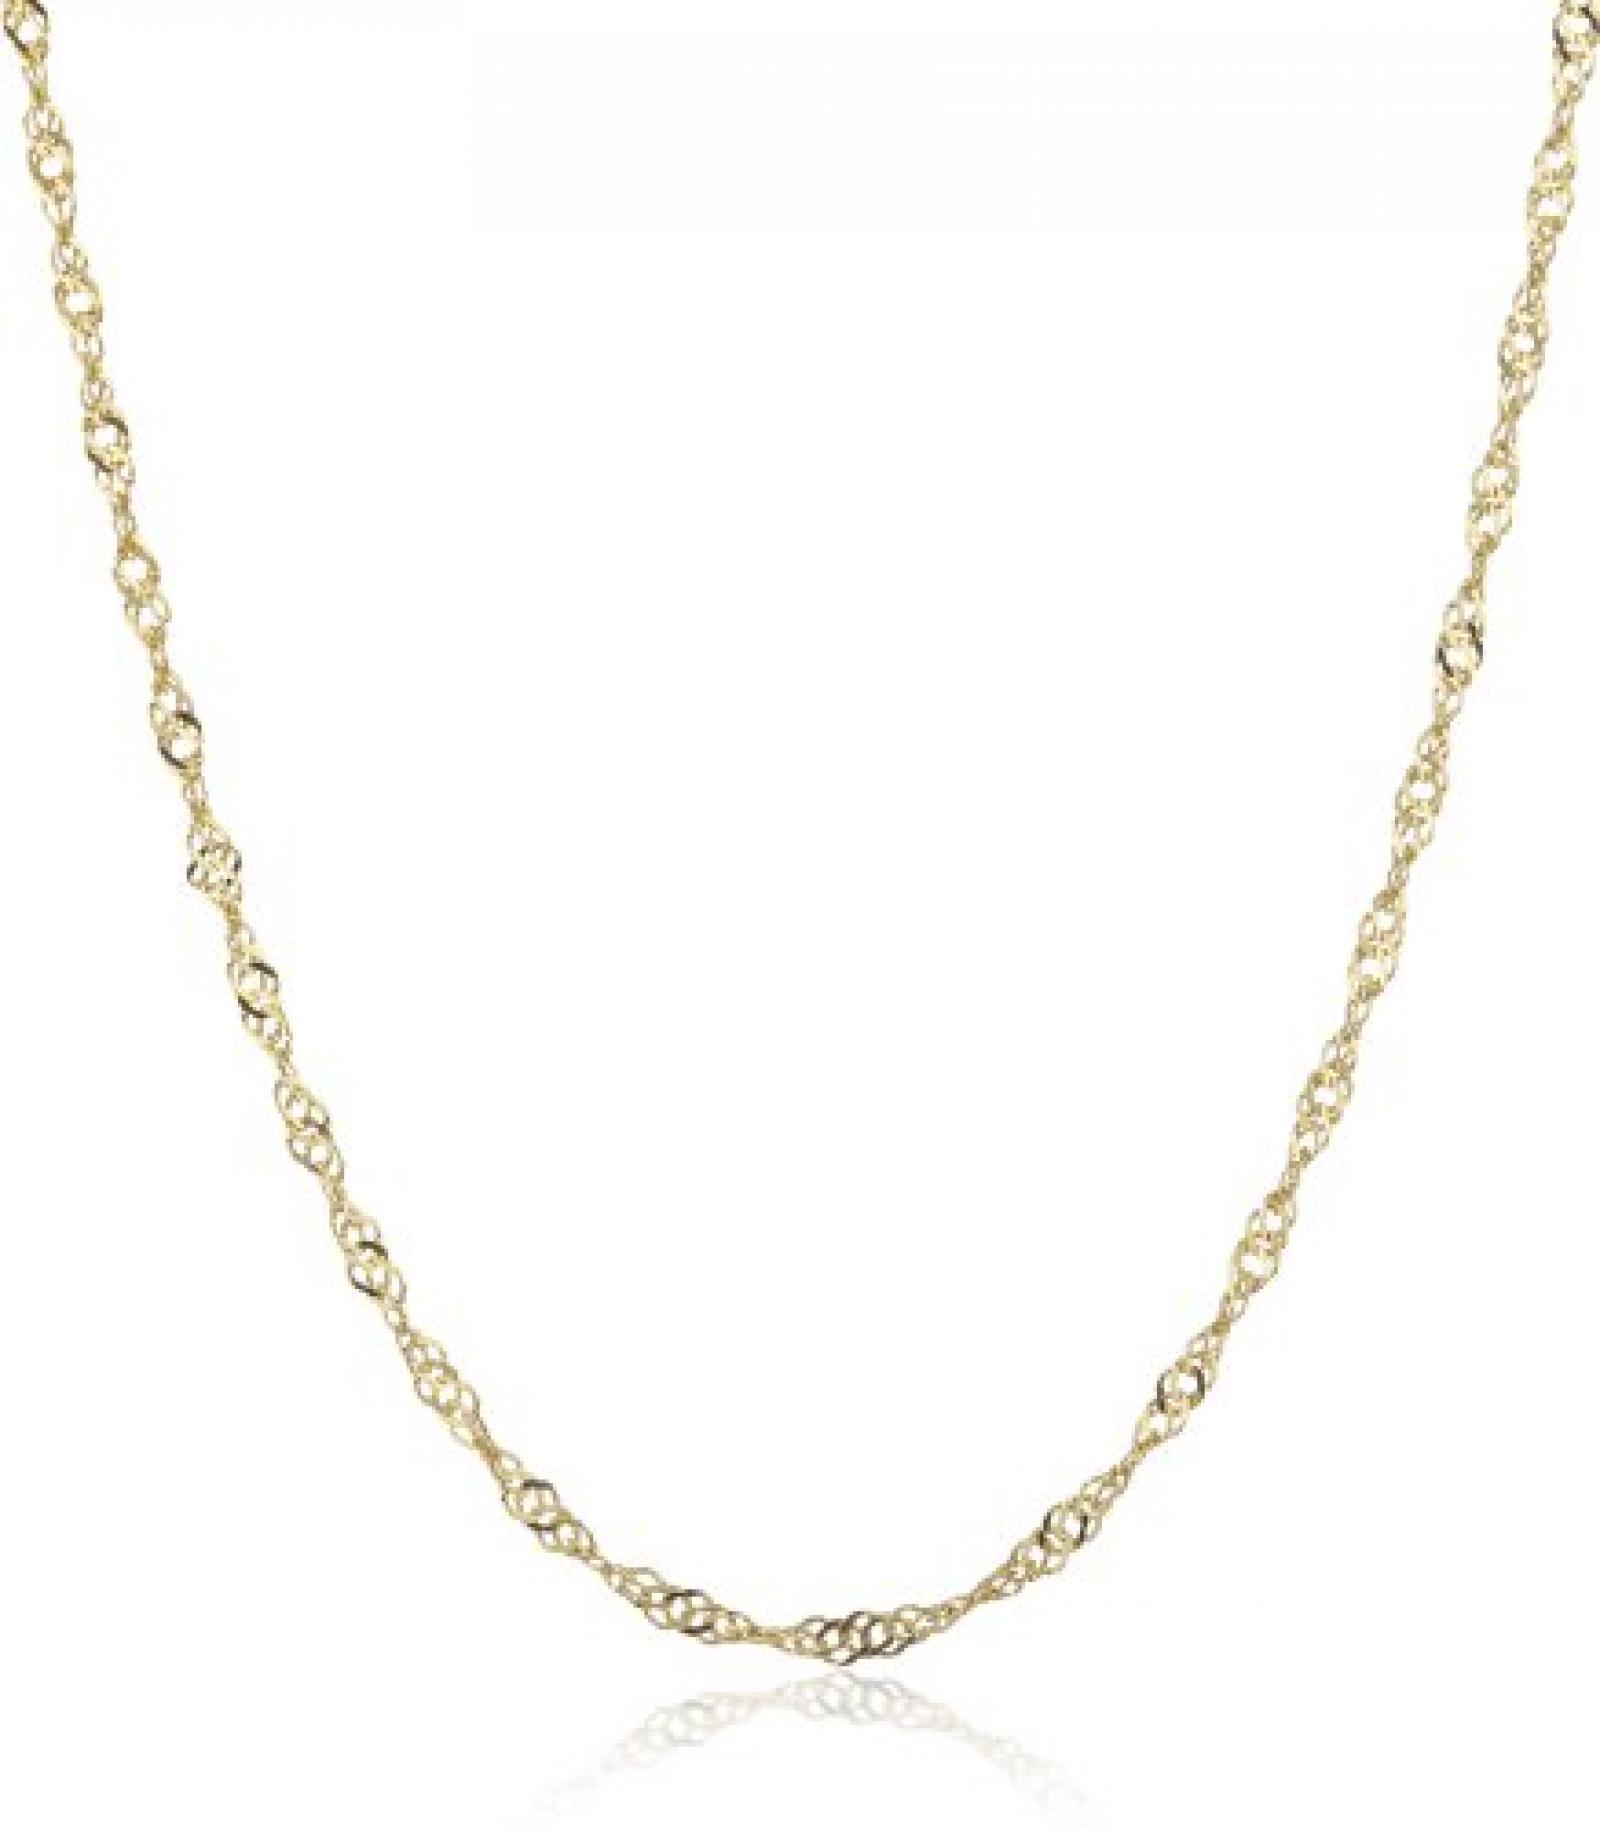 Amor Jewelry Damen-Halskette 8 Karat 333 Gelbgold 383226